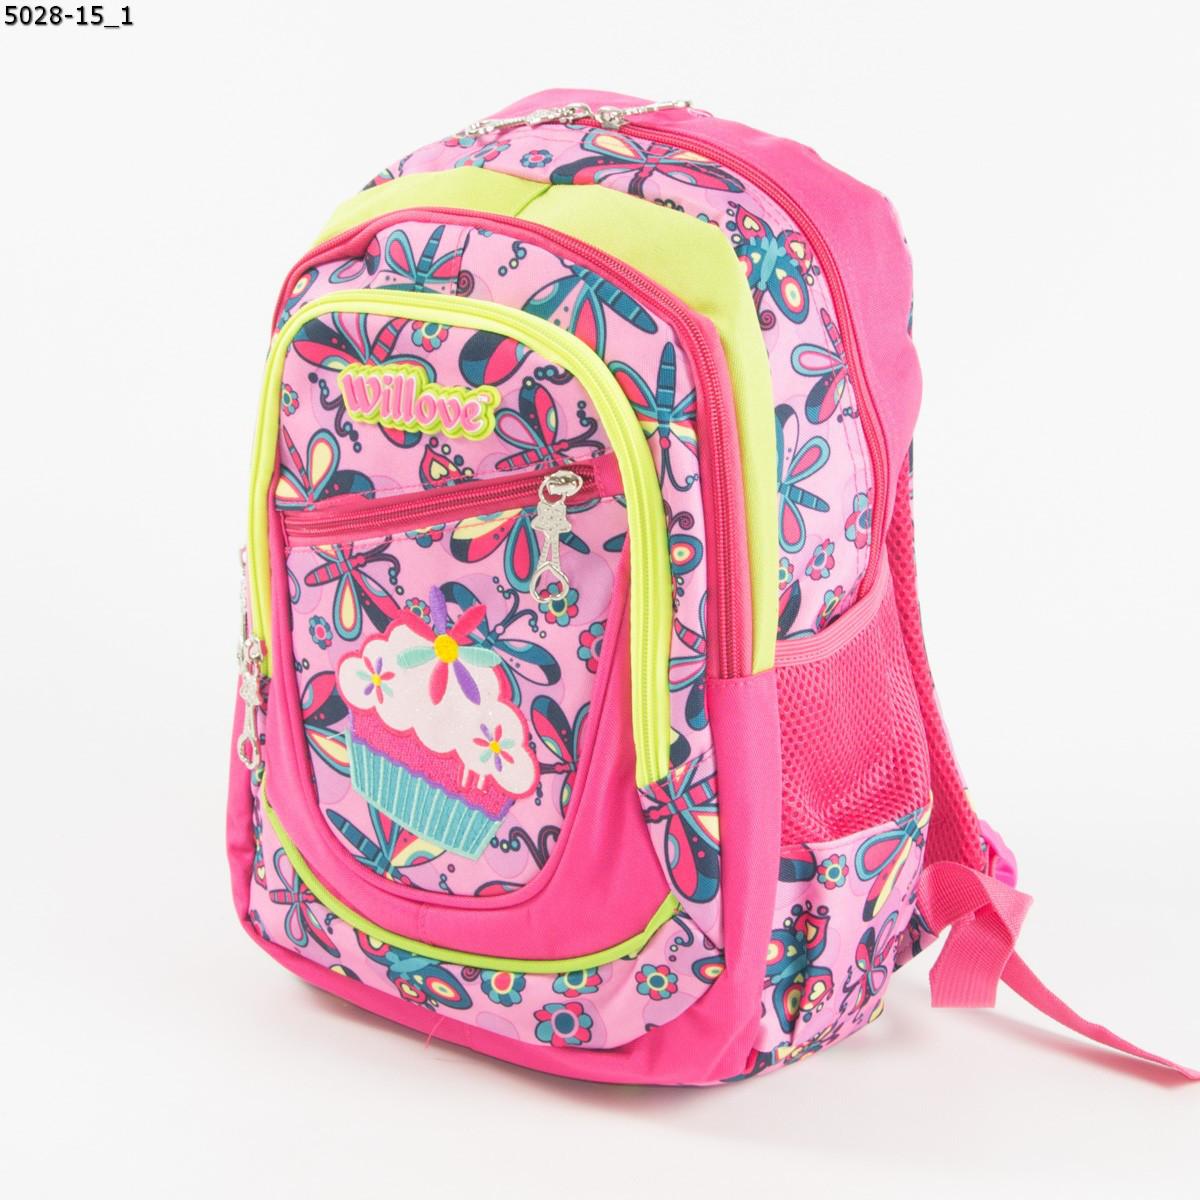 Оптом школьный/прогулочный рюкзак для девочек с бабочками - розовый - 5028-15